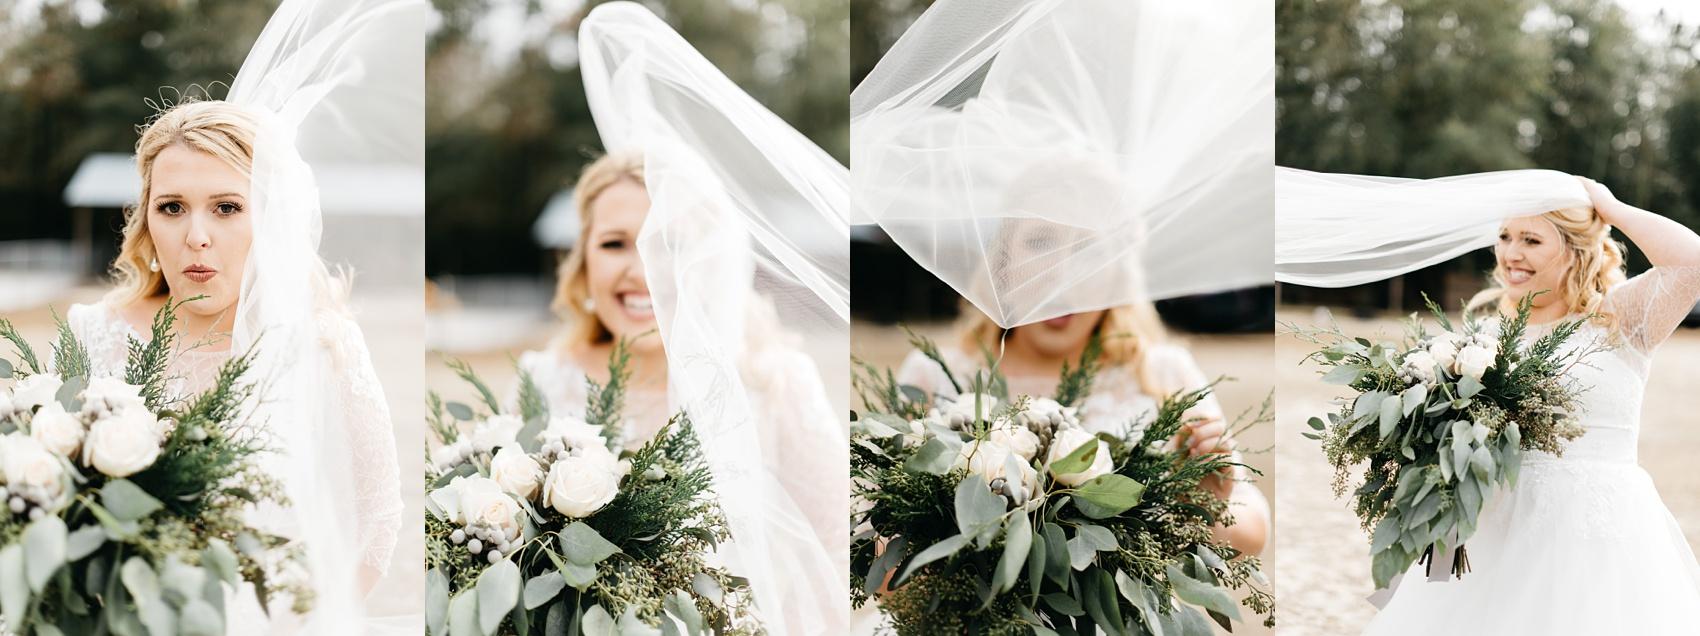 aiken_wedding_photographer_5544.jpg